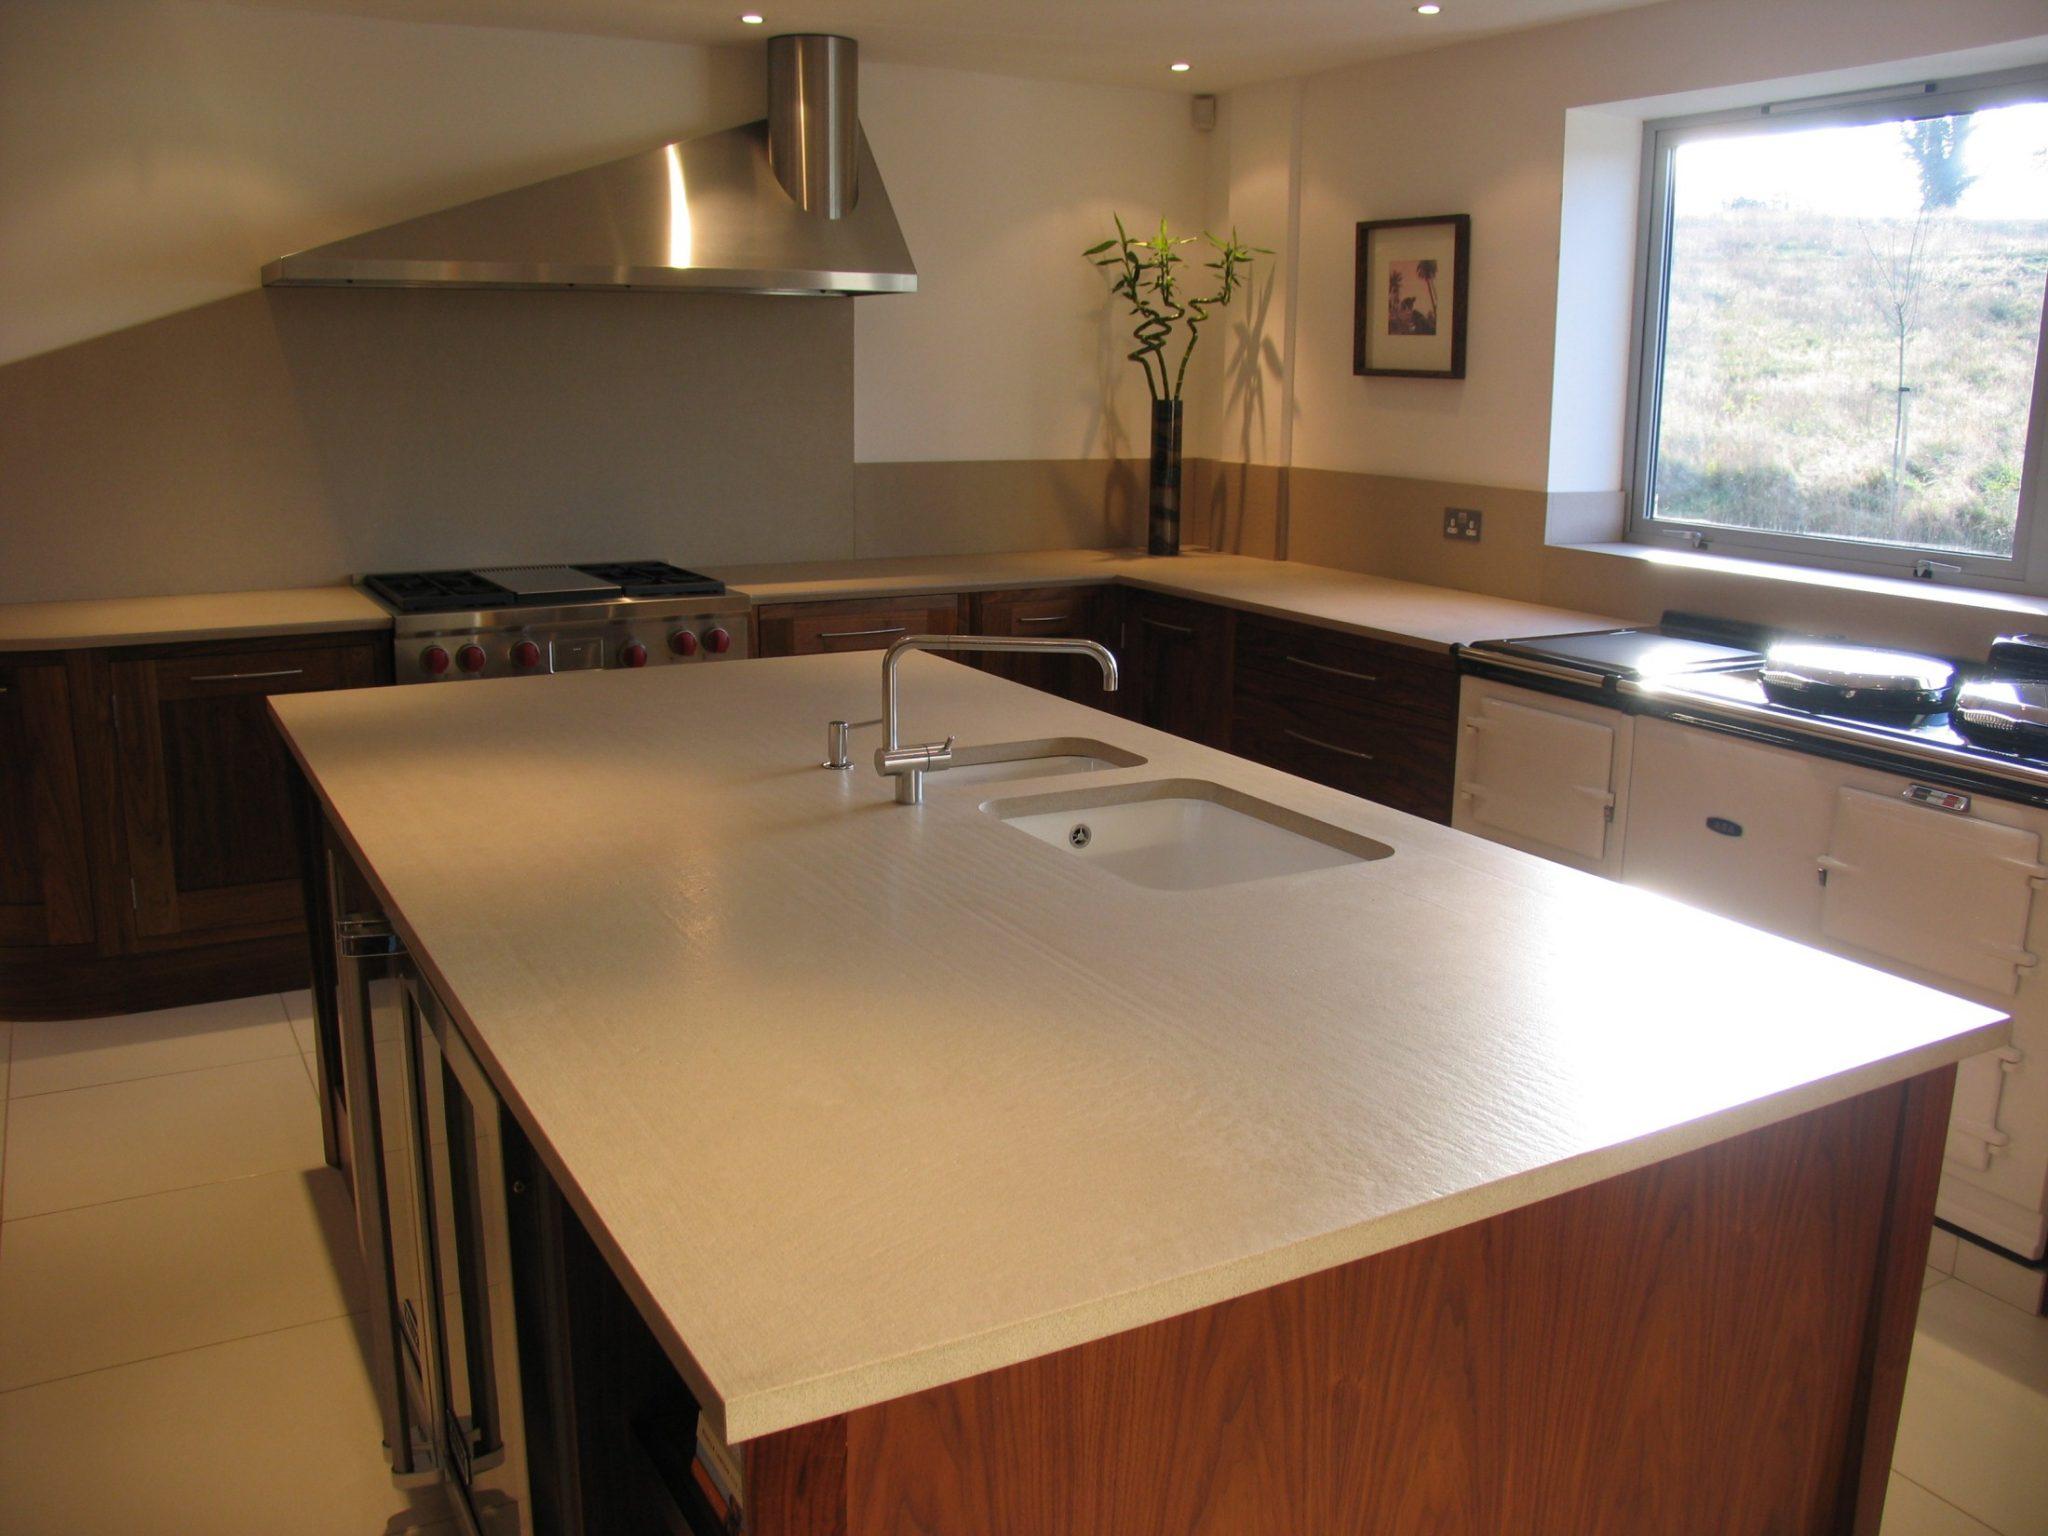 plan de travail cuisine largeur 100 cm maison fran ois fabie. Black Bedroom Furniture Sets. Home Design Ideas